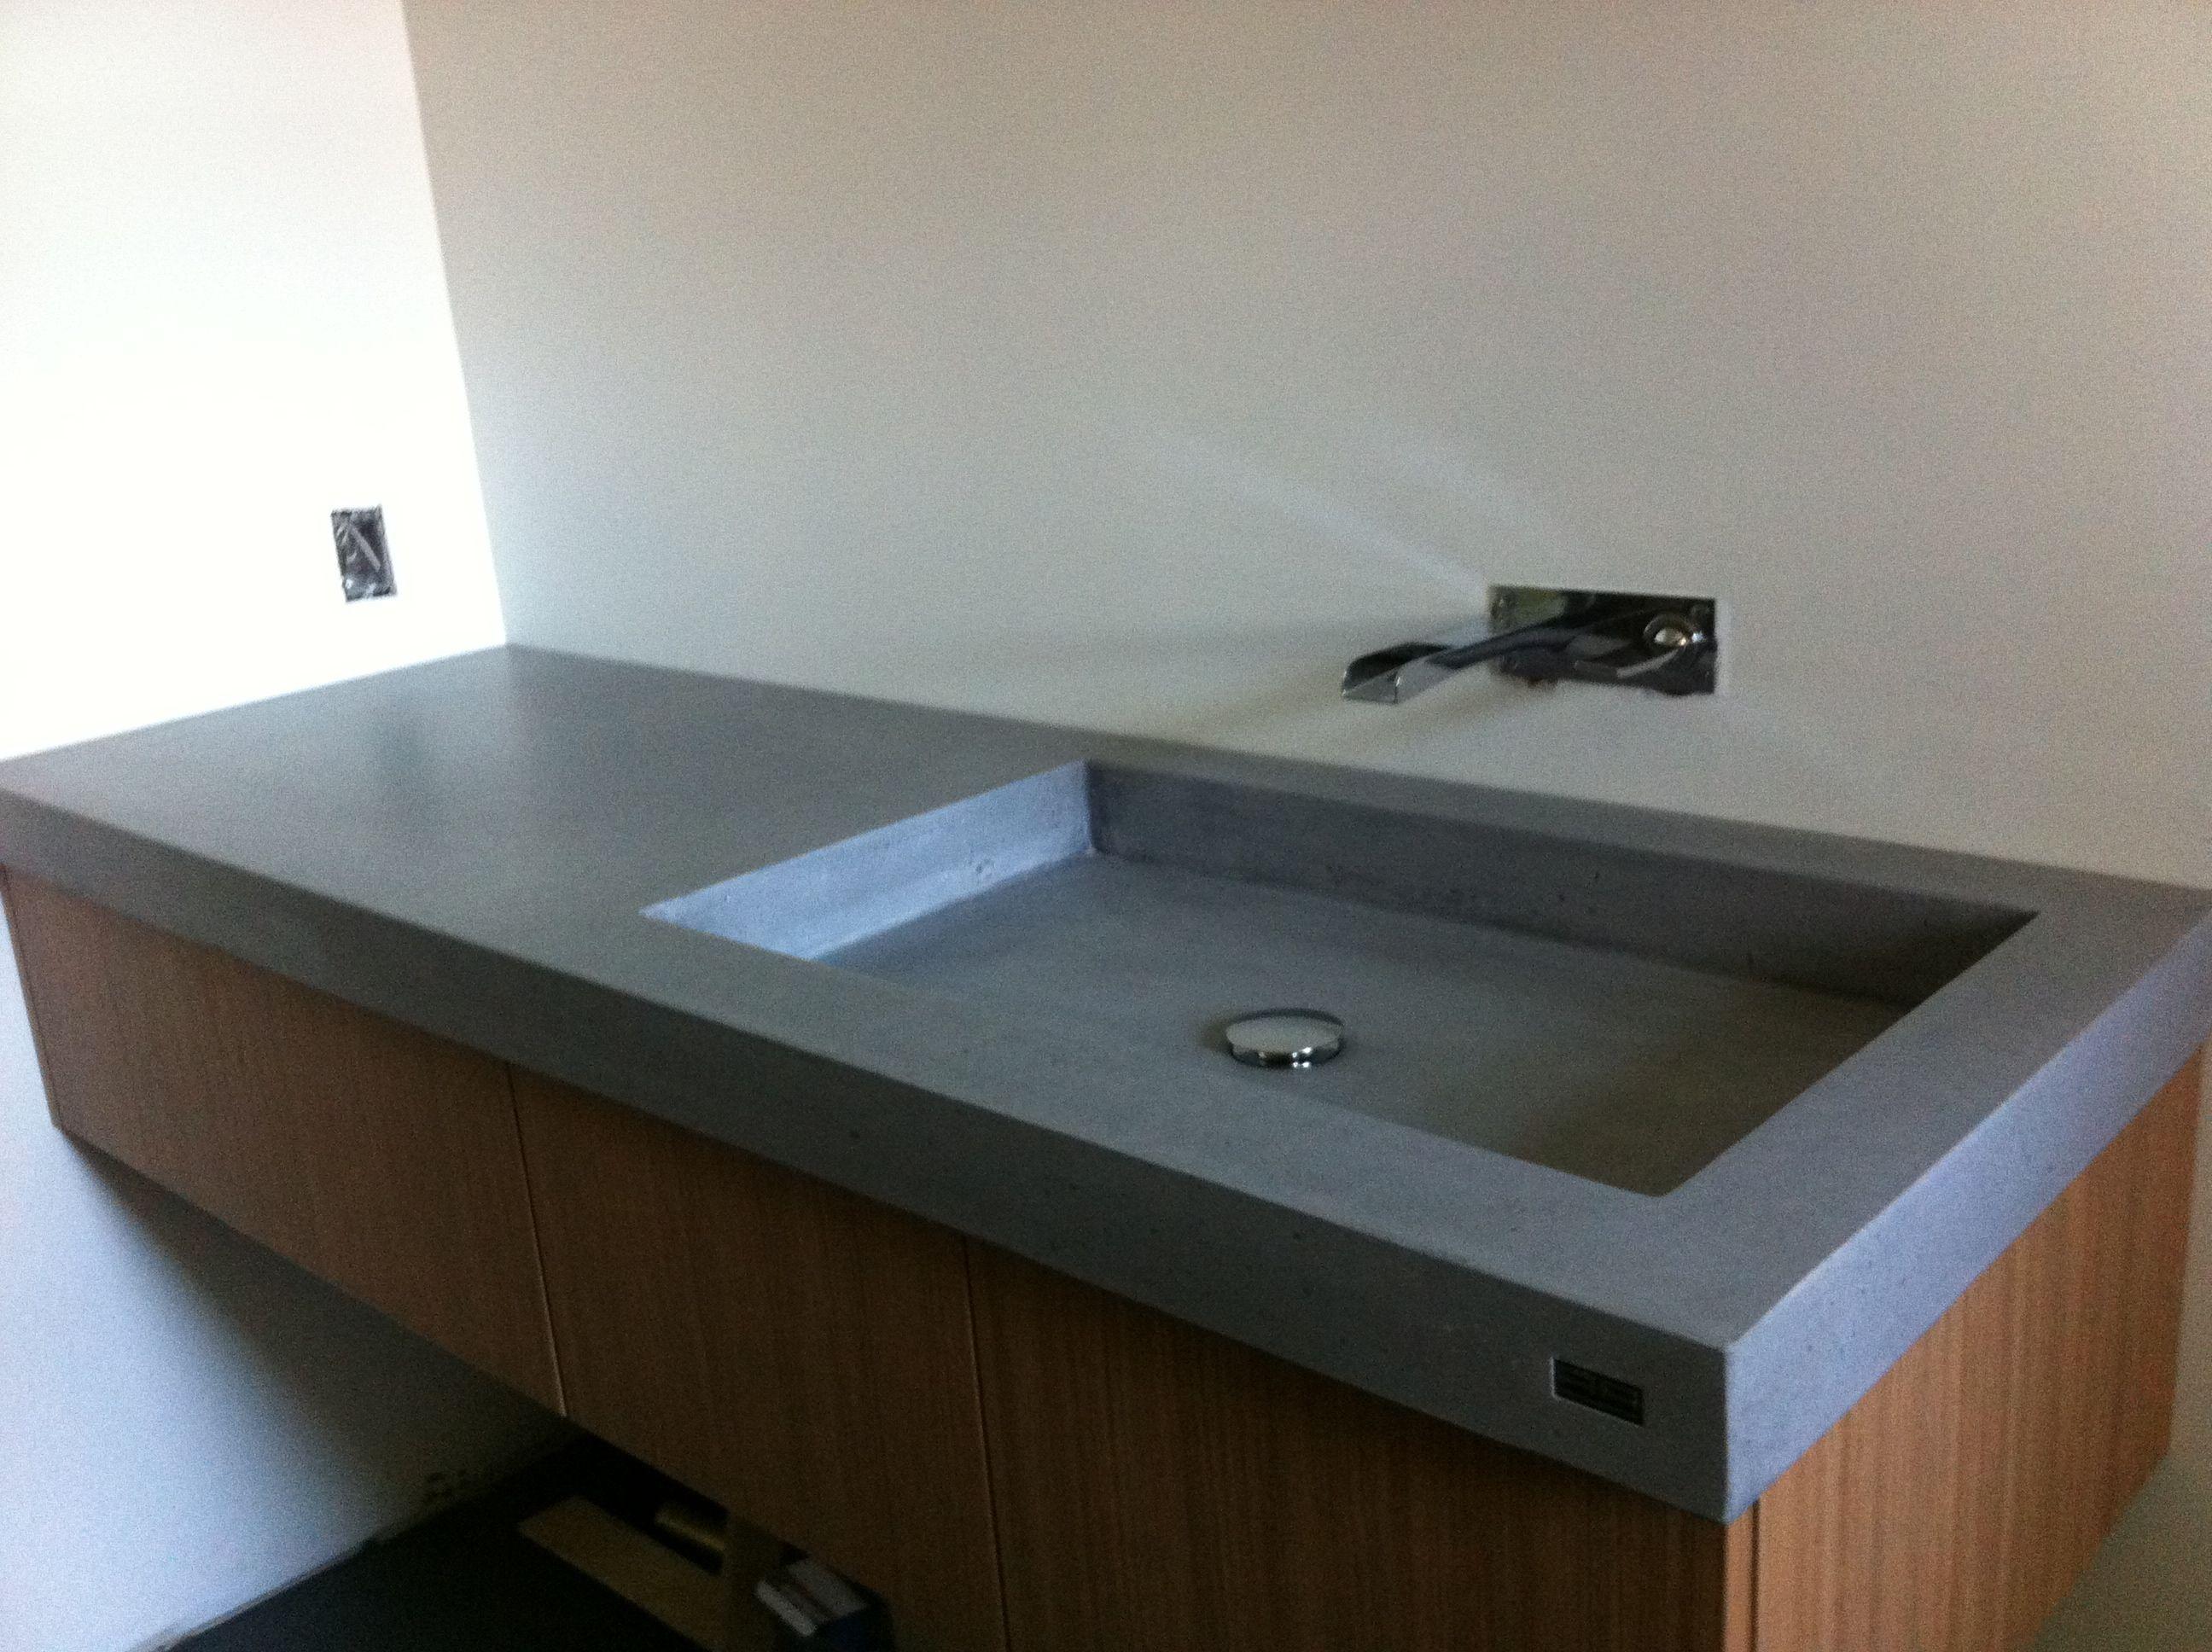 comptoir de b ton avec vier int grer cuisine maison pinterest comptoirs. Black Bedroom Furniture Sets. Home Design Ideas